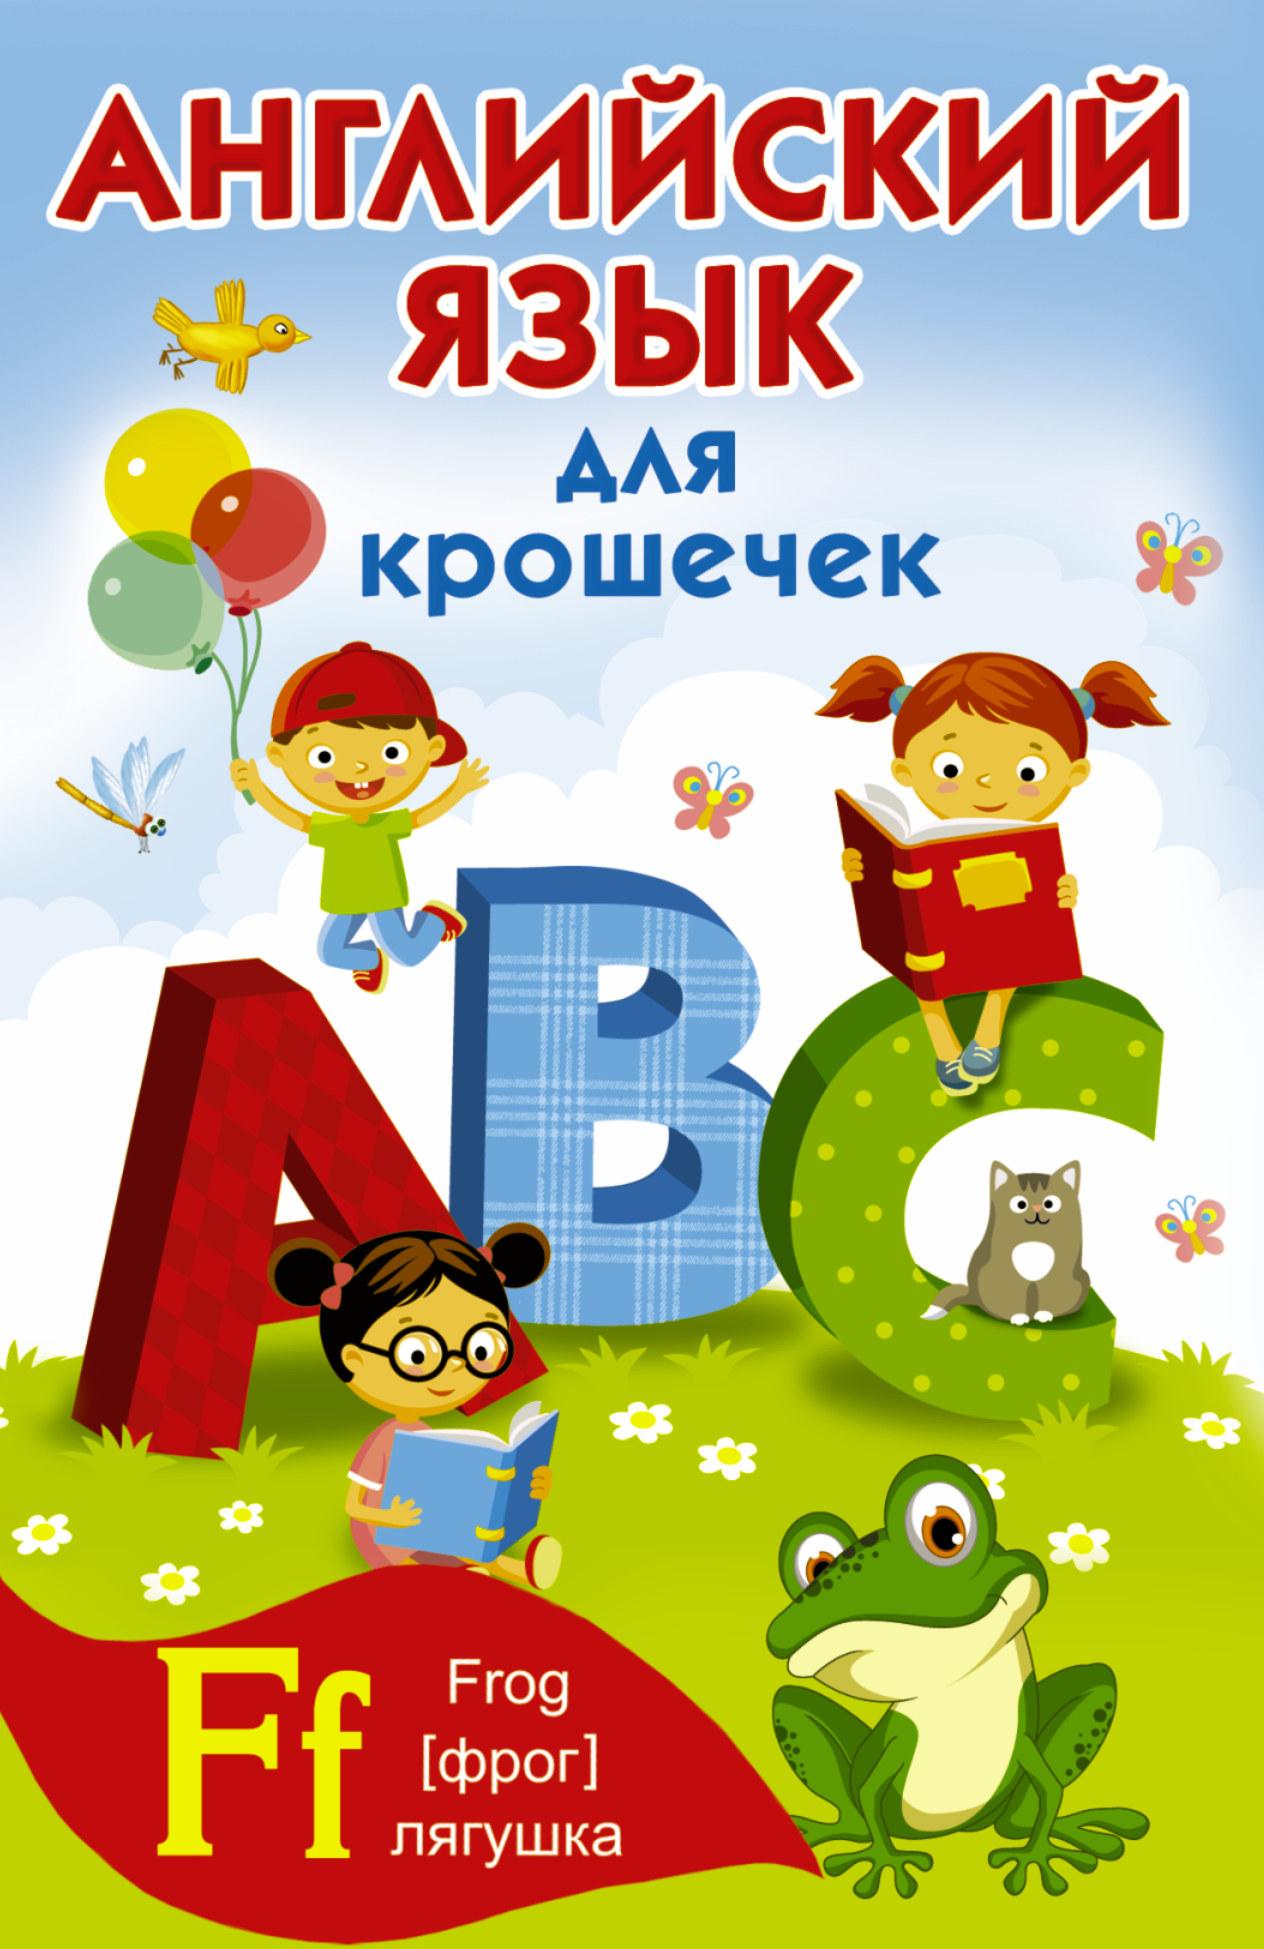 Английский алфавит для крошечек ( Дмитриева В. Г., Двинина Л.В.  )